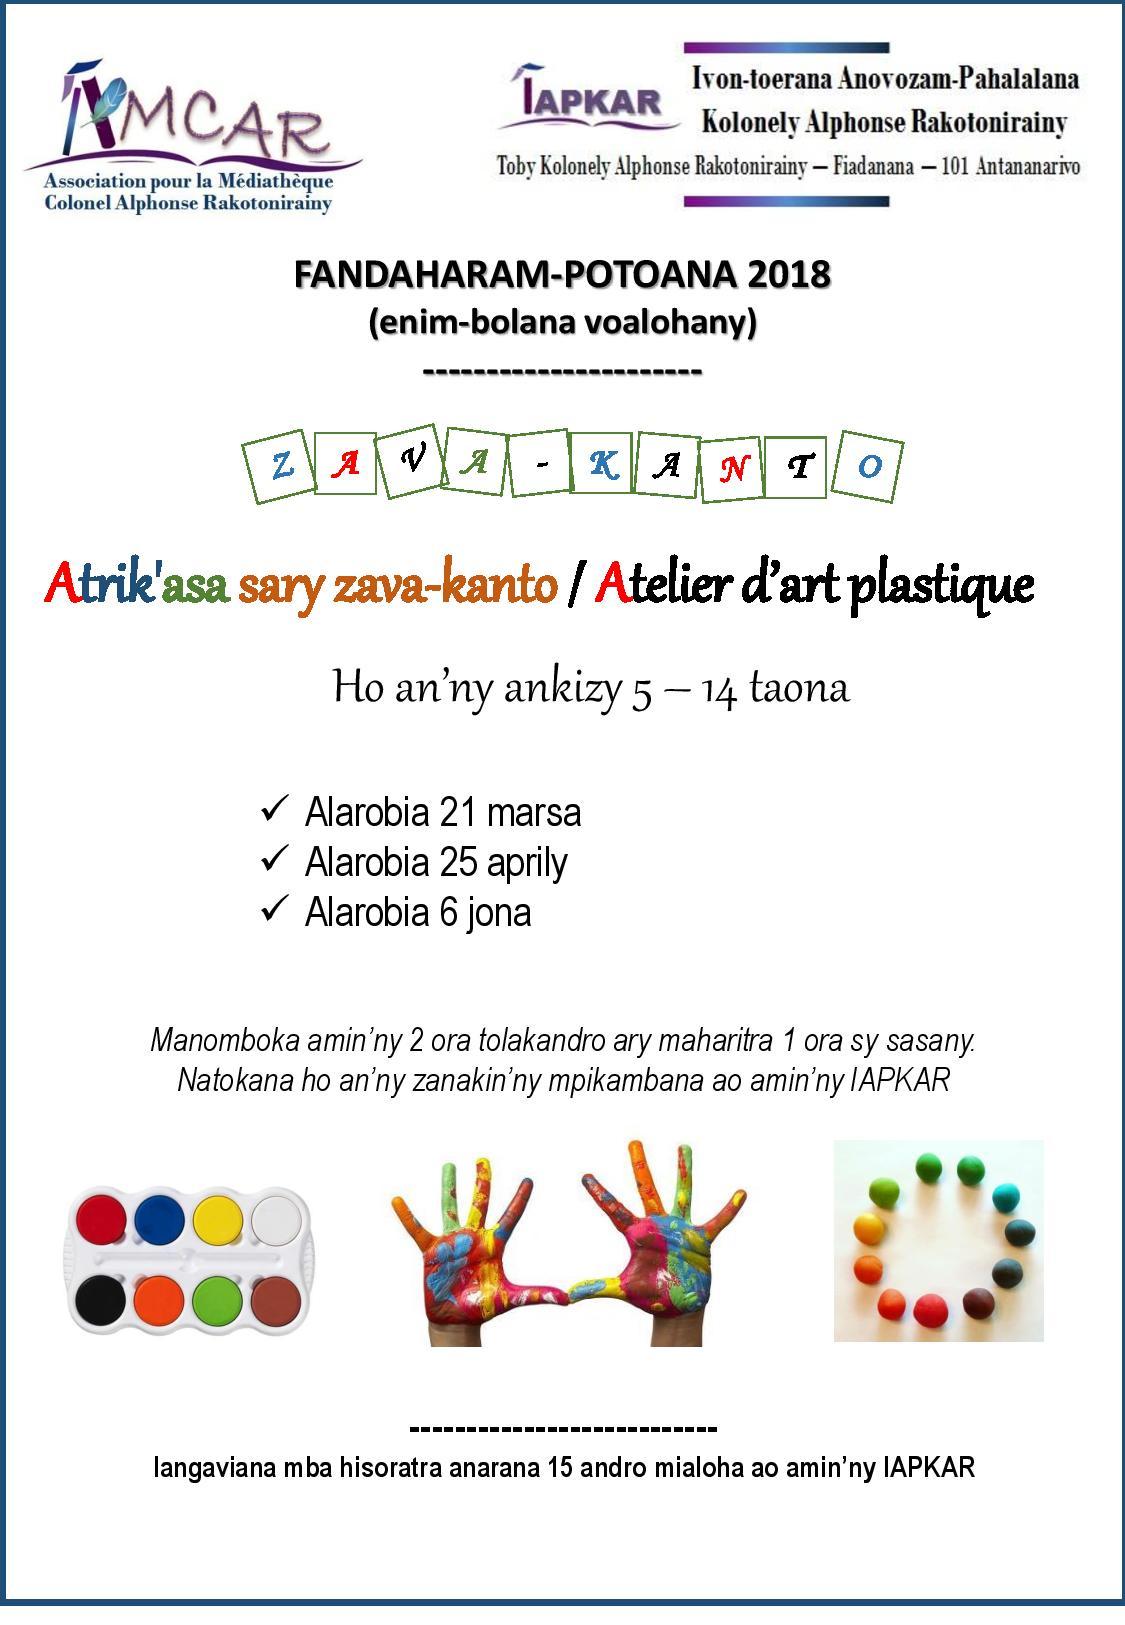 Affiche ateliers art plastique 2018 1 amcar